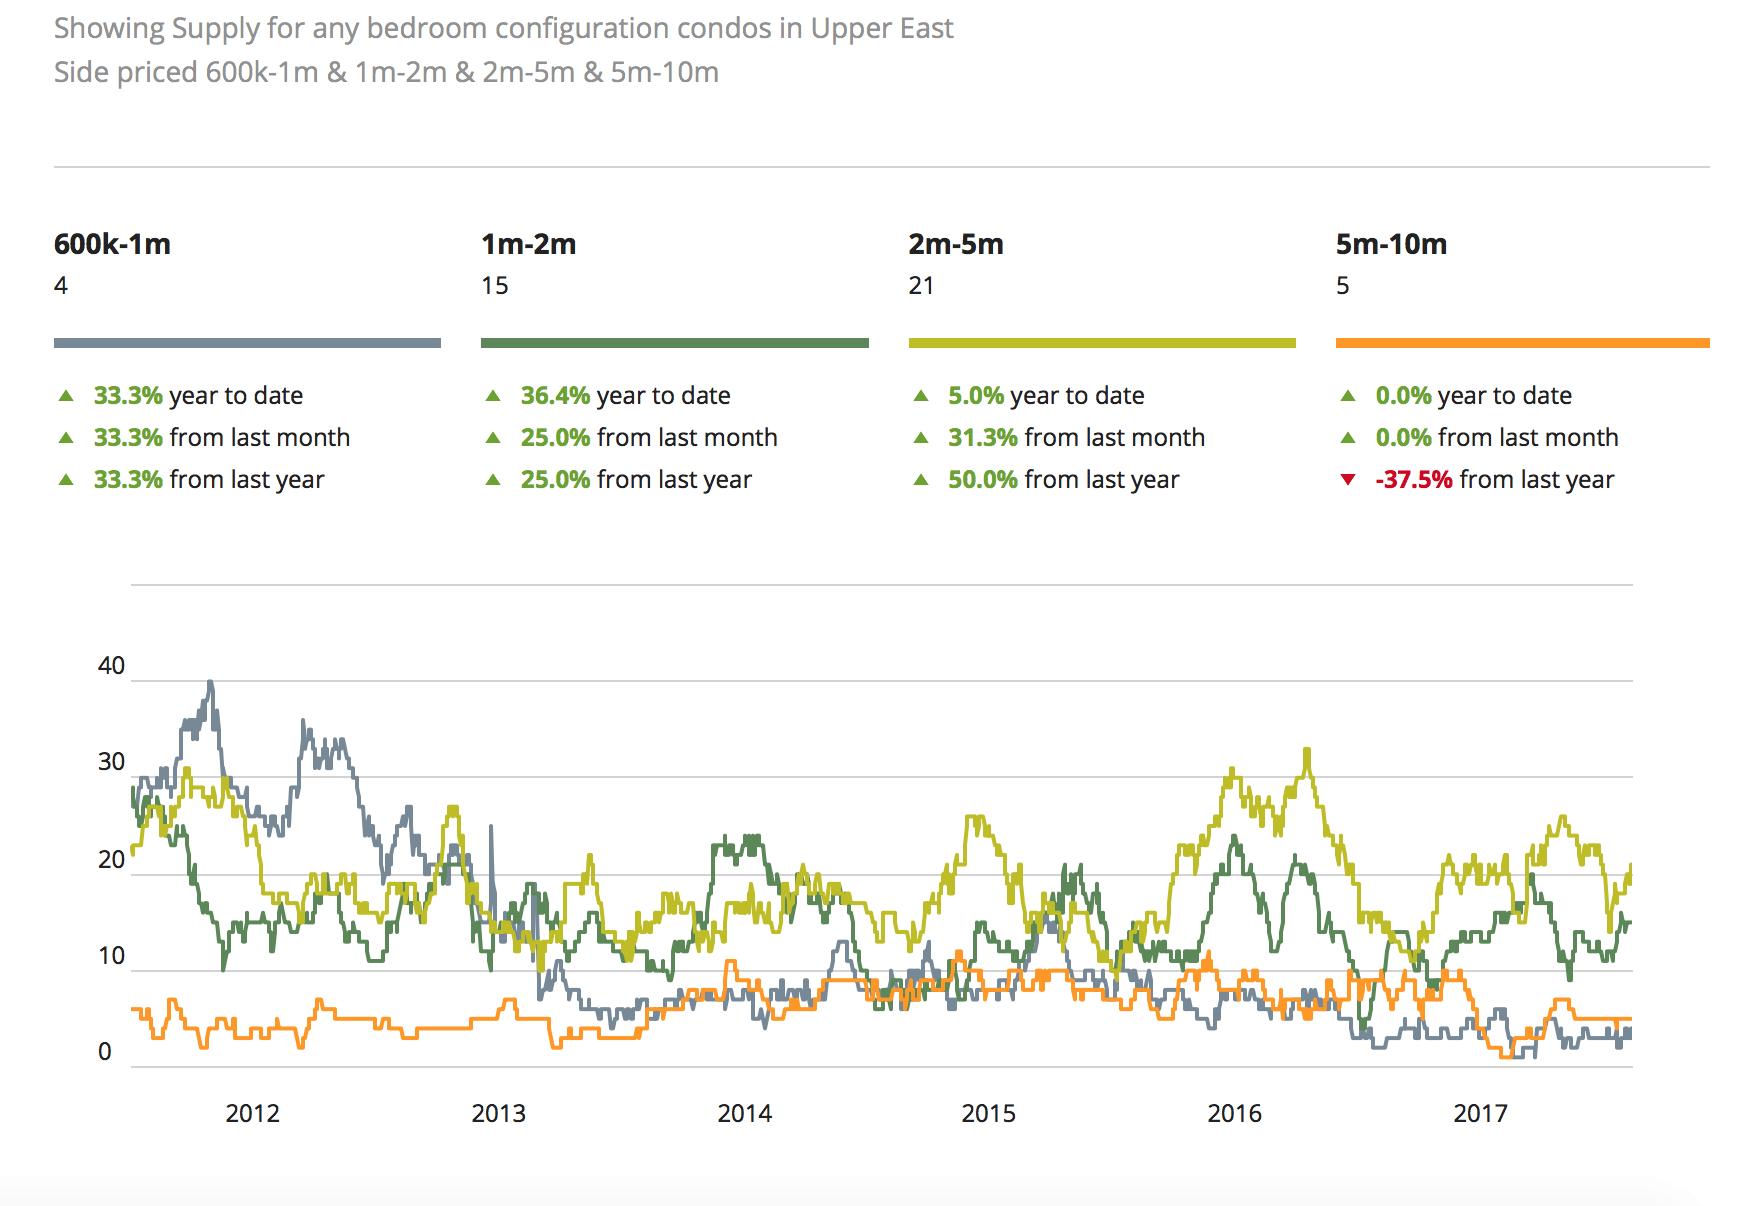 Prezzi del mercato immobiliare di NYC per Upper East Side